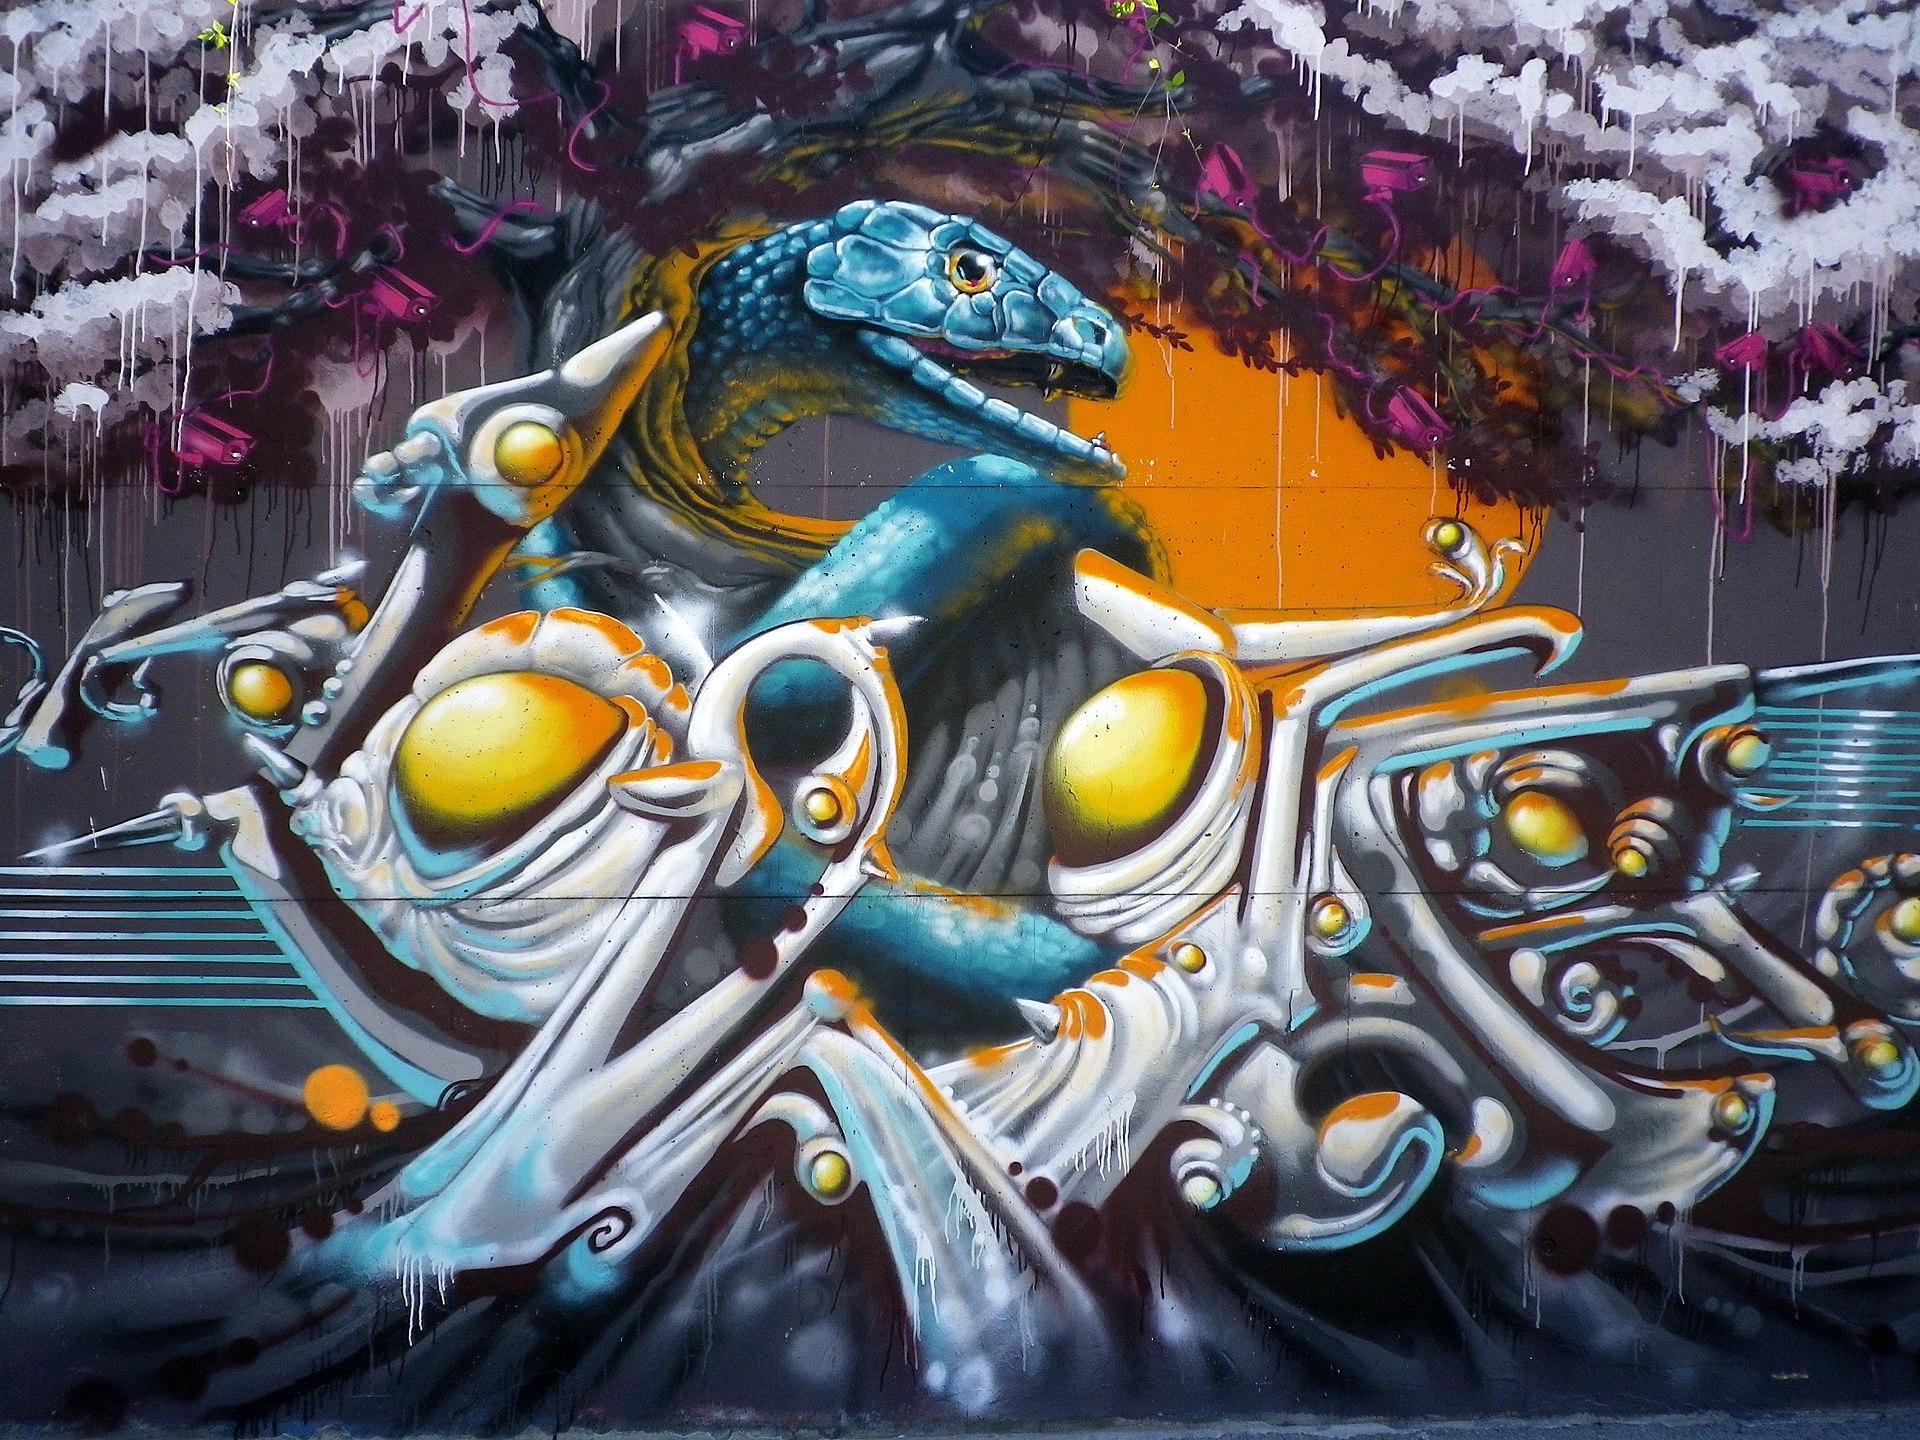 Một tranh phun sơn trên tường ở Hall of Fame, Ingolstadt, Đức.